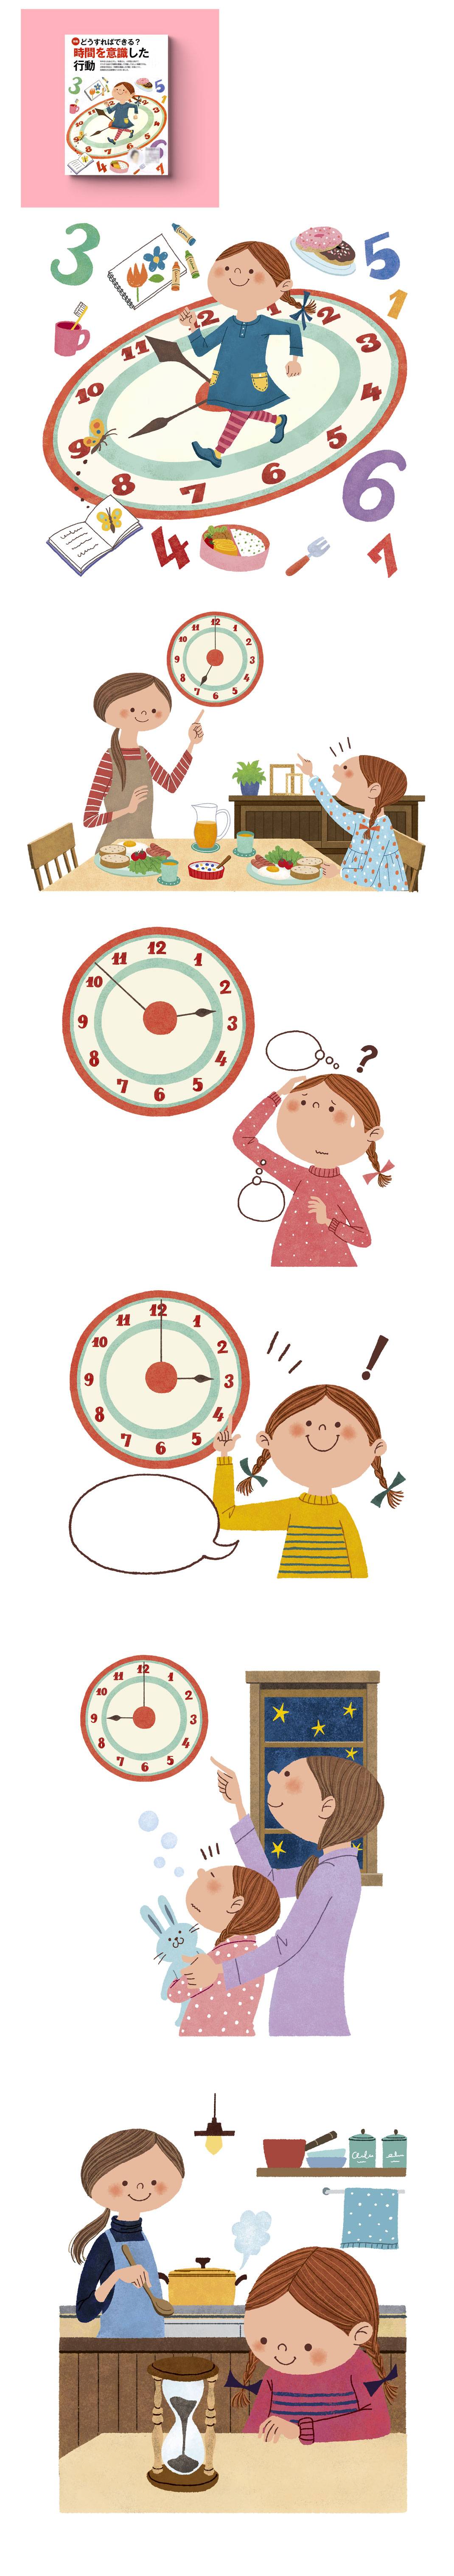 時計と女の子のイラスト